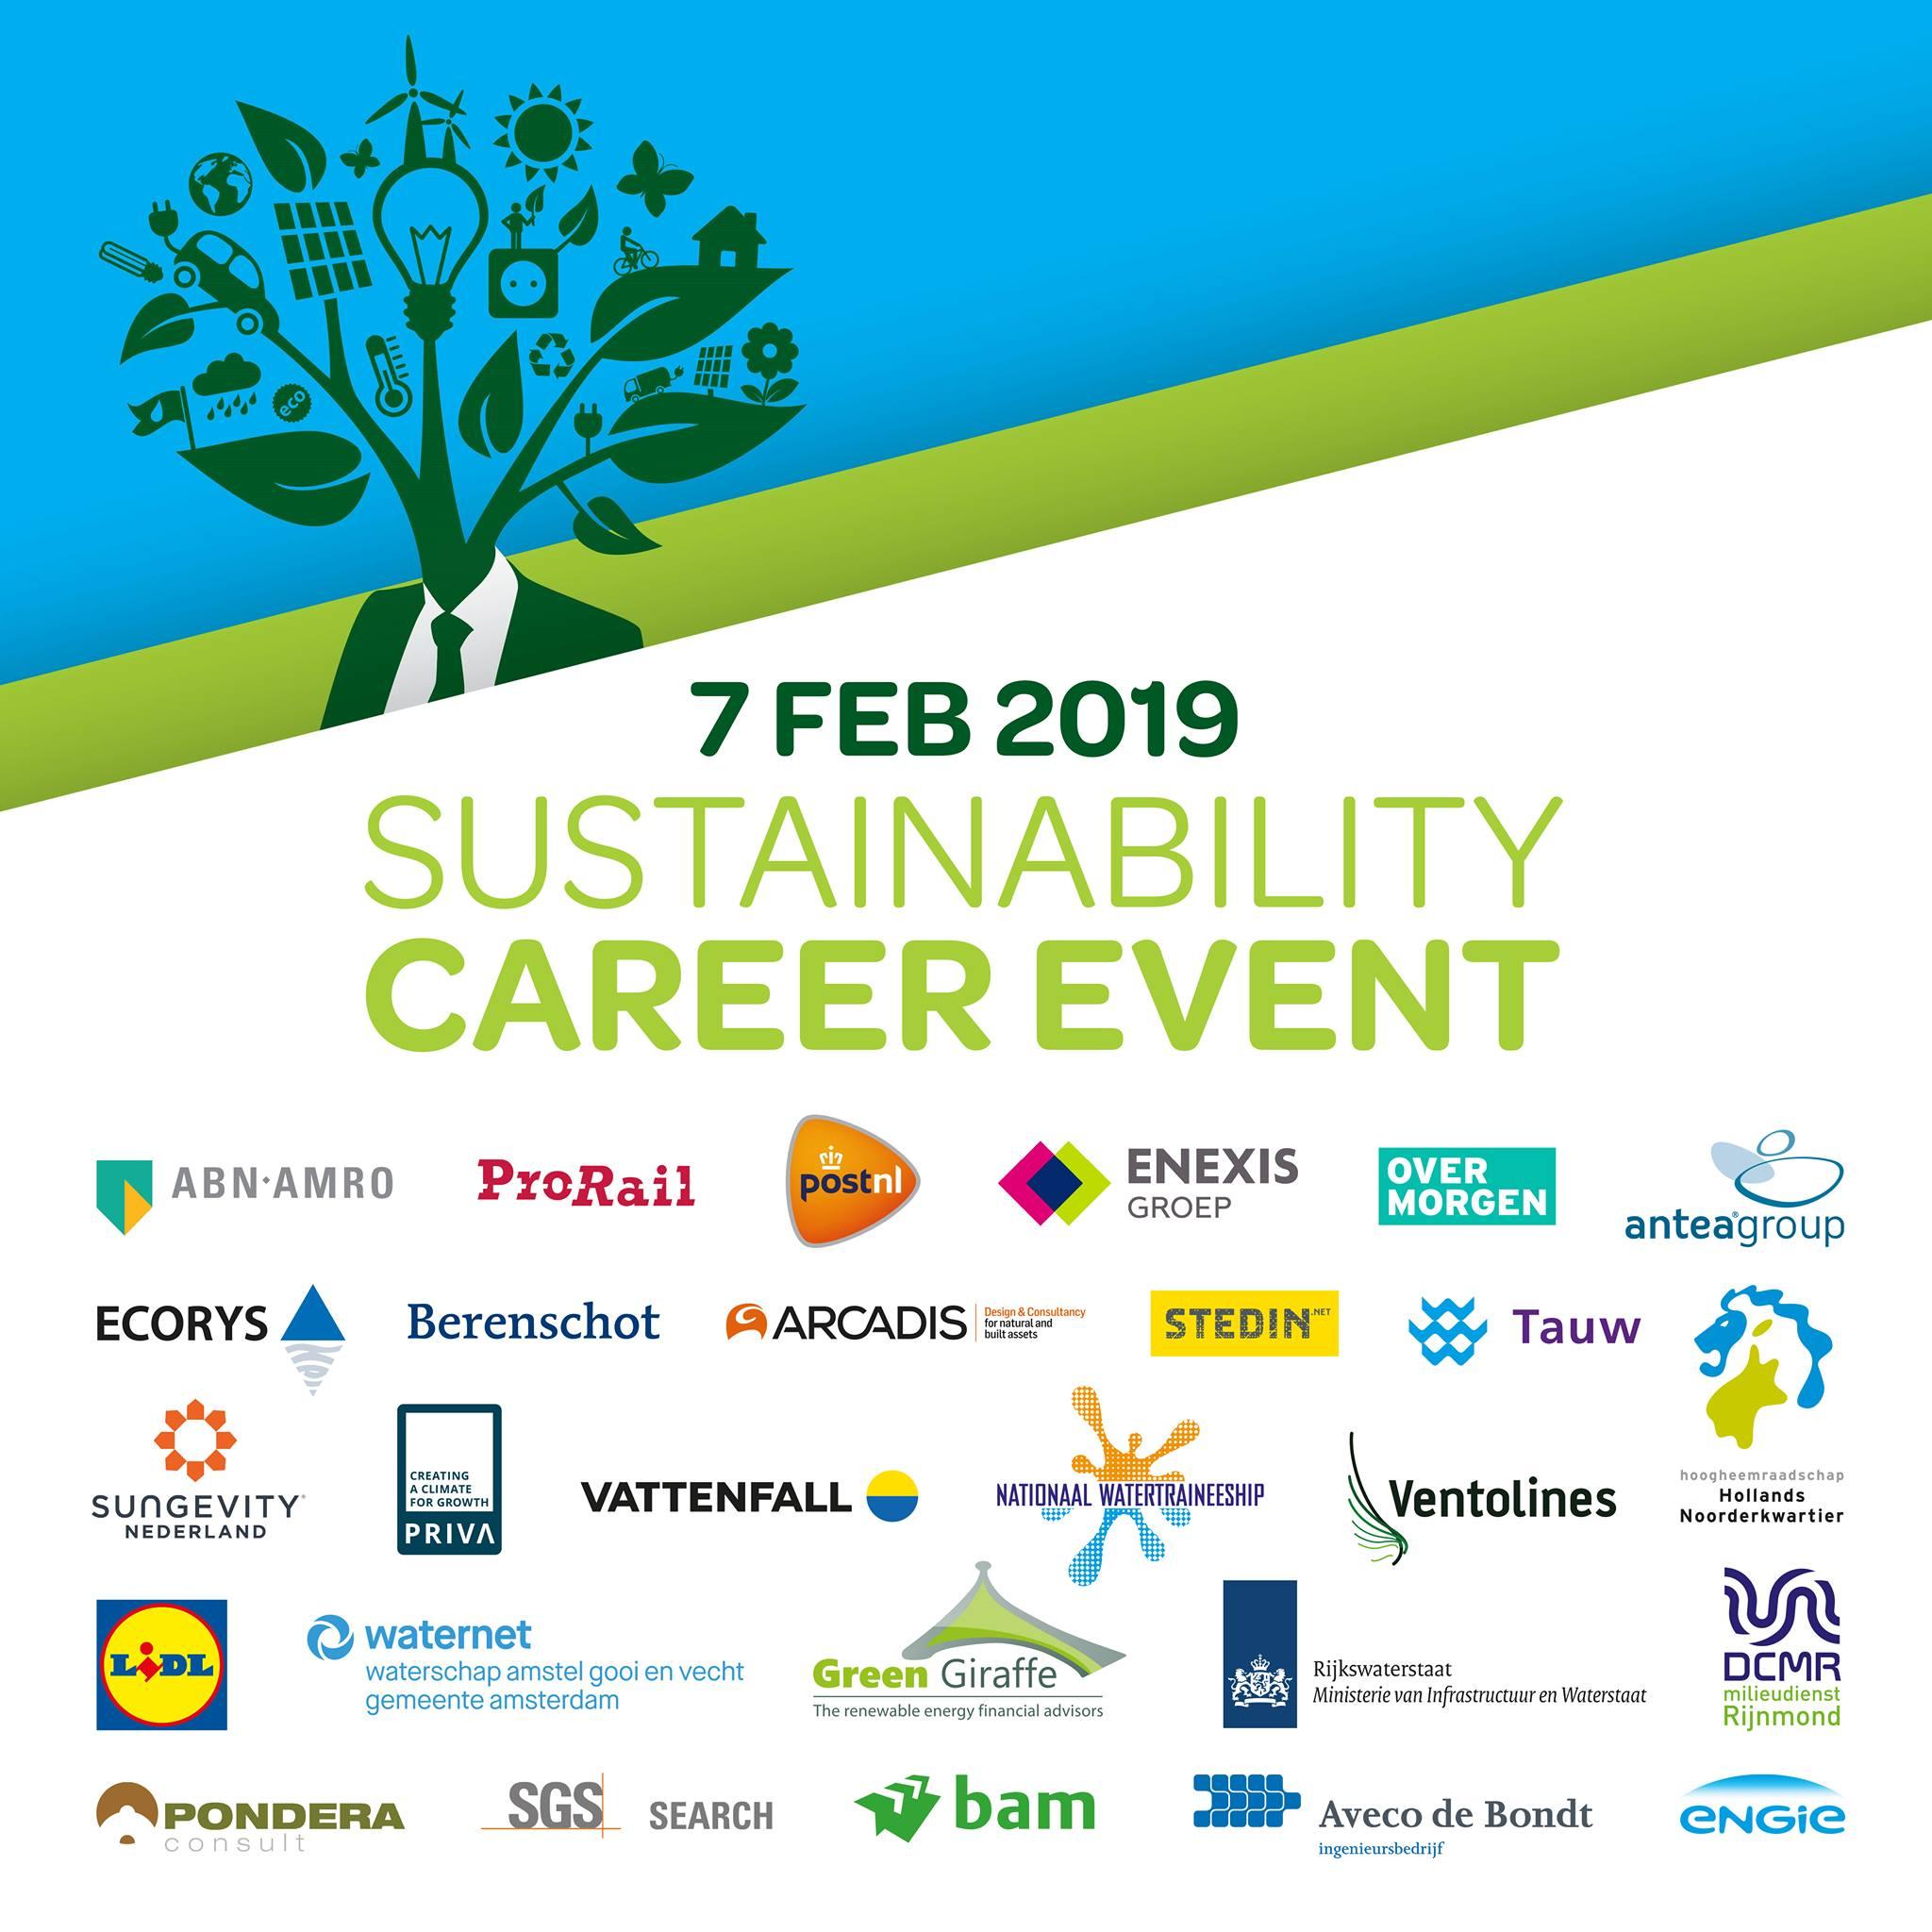 sustainability career event bedrijven sign up aanmelden 2019